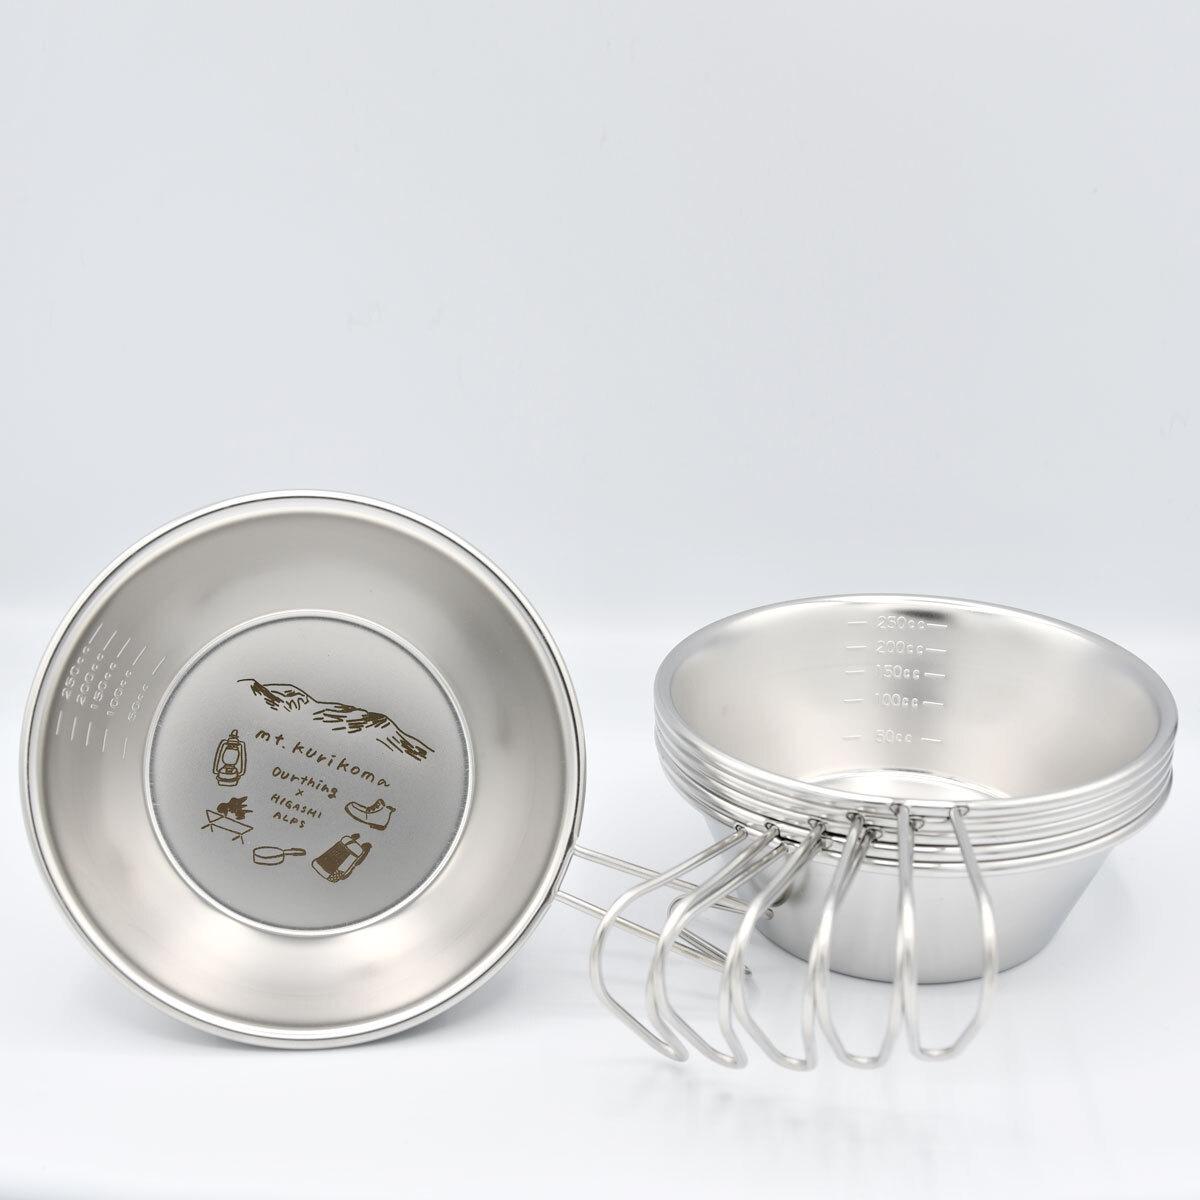 ourthing×HIGASHI ALPS オリジナルシェラカップ